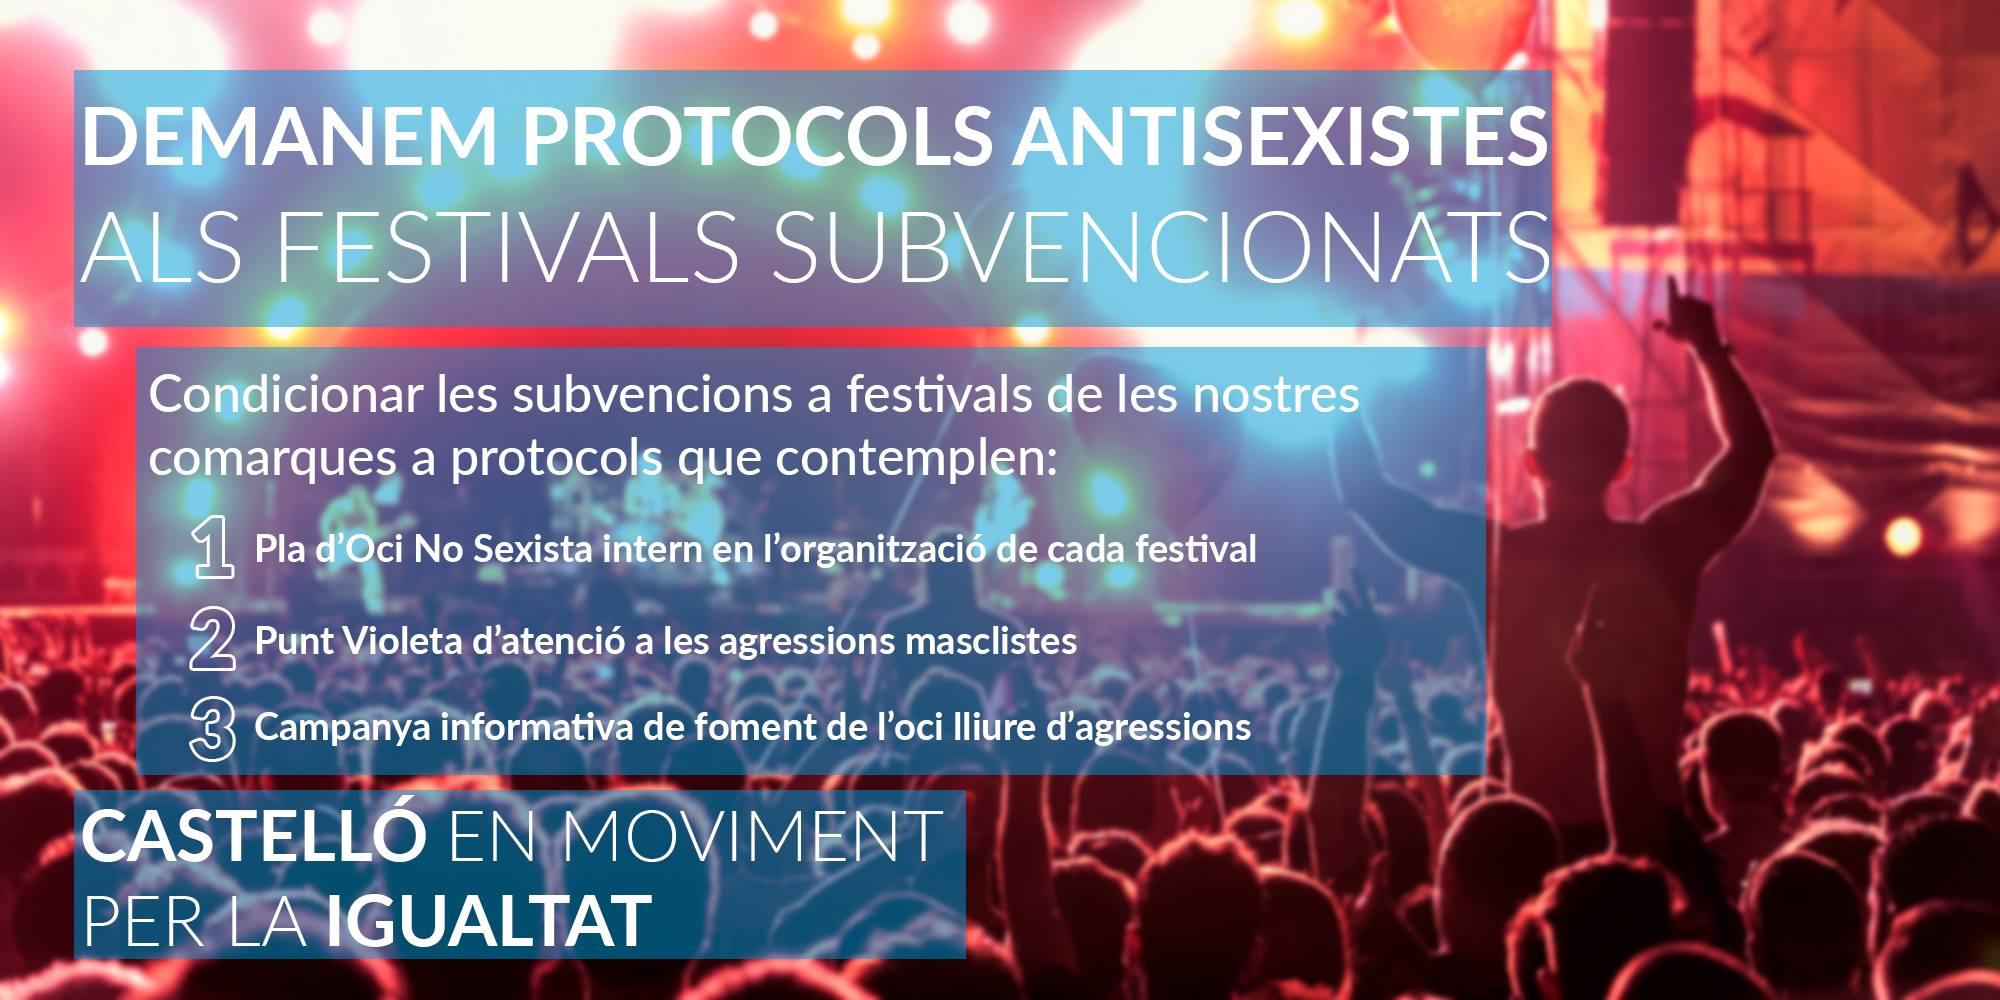 Demanem A La Diputació Que Condicione Les Subvencions Per Festivals A La Creació De Protocols Antisexistes